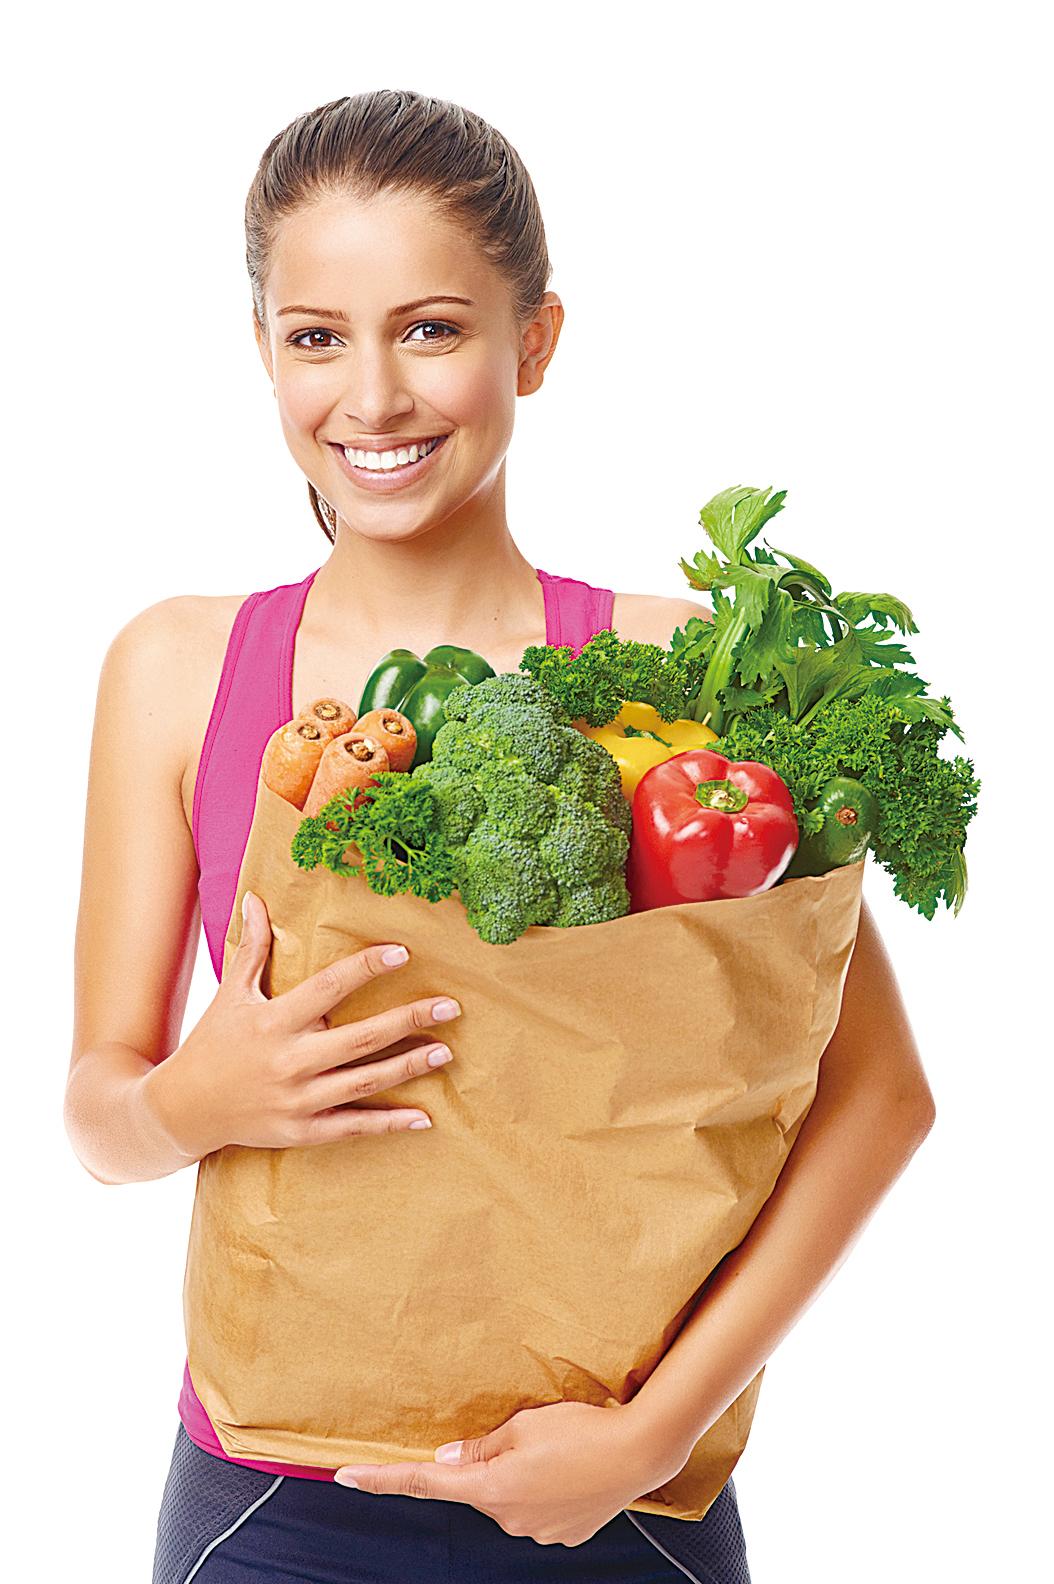 控制新鮮蔬果的購買量,讓你不會浪費食物。